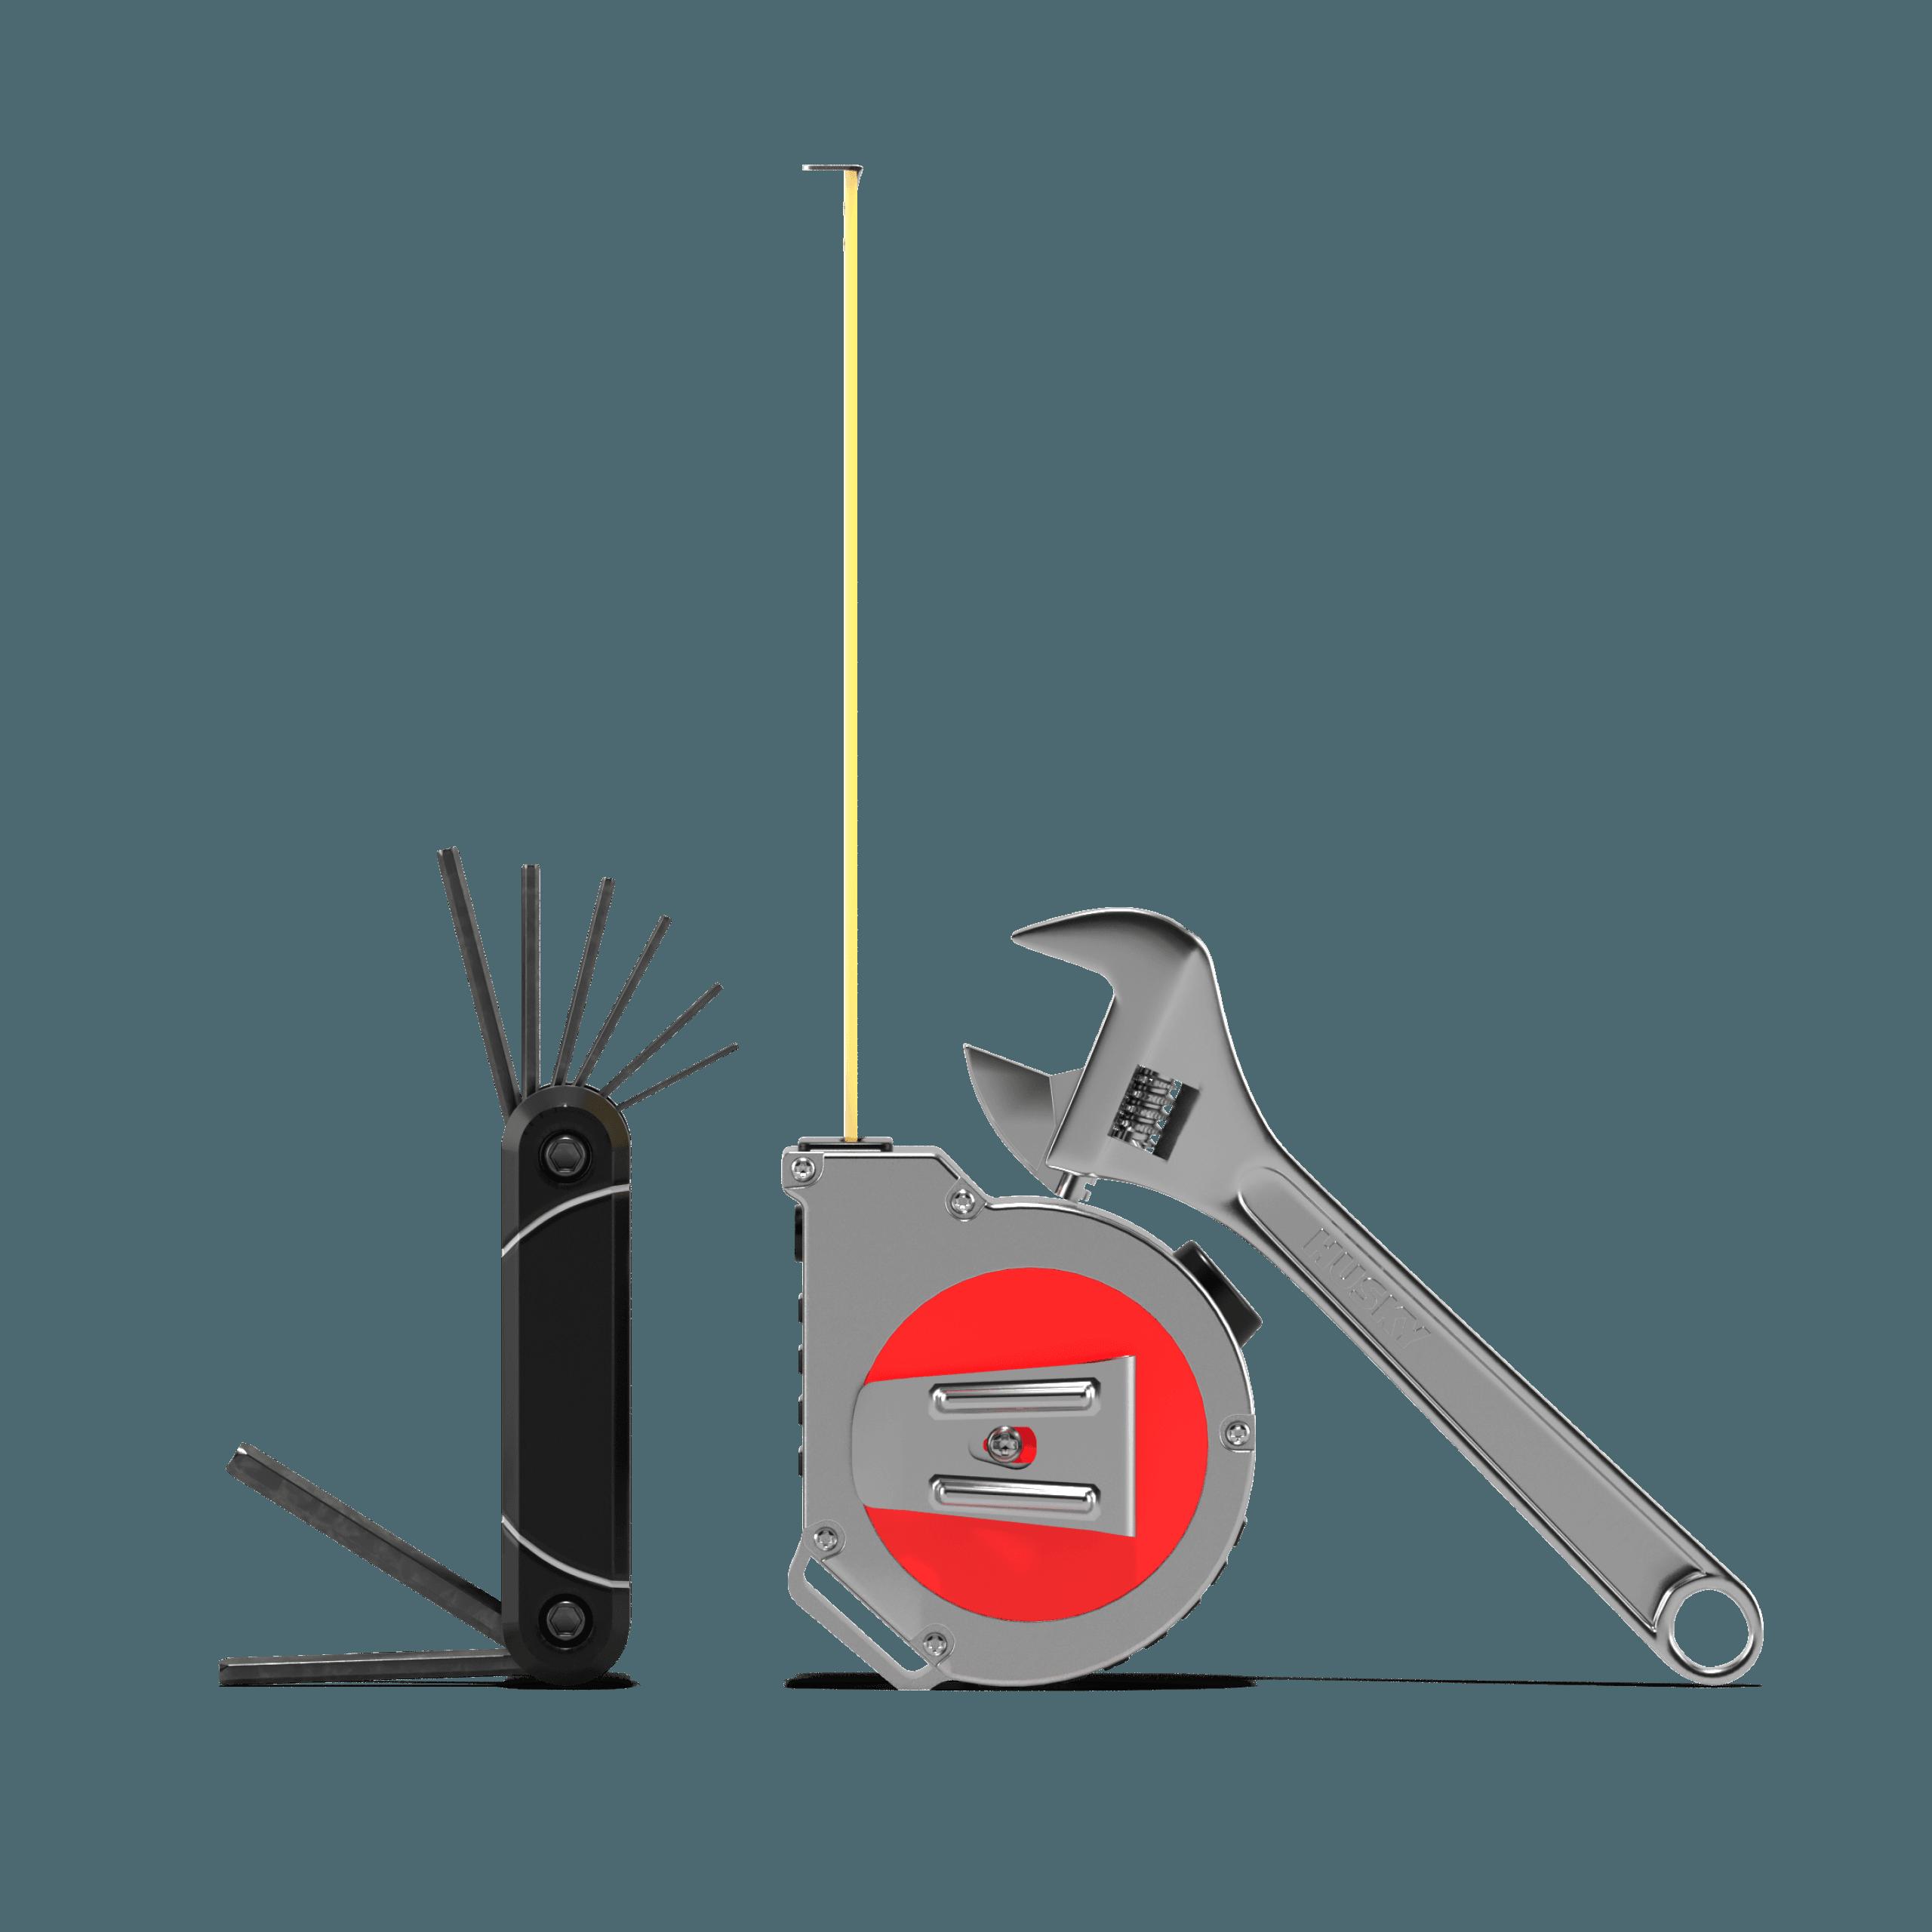 Field kit tools